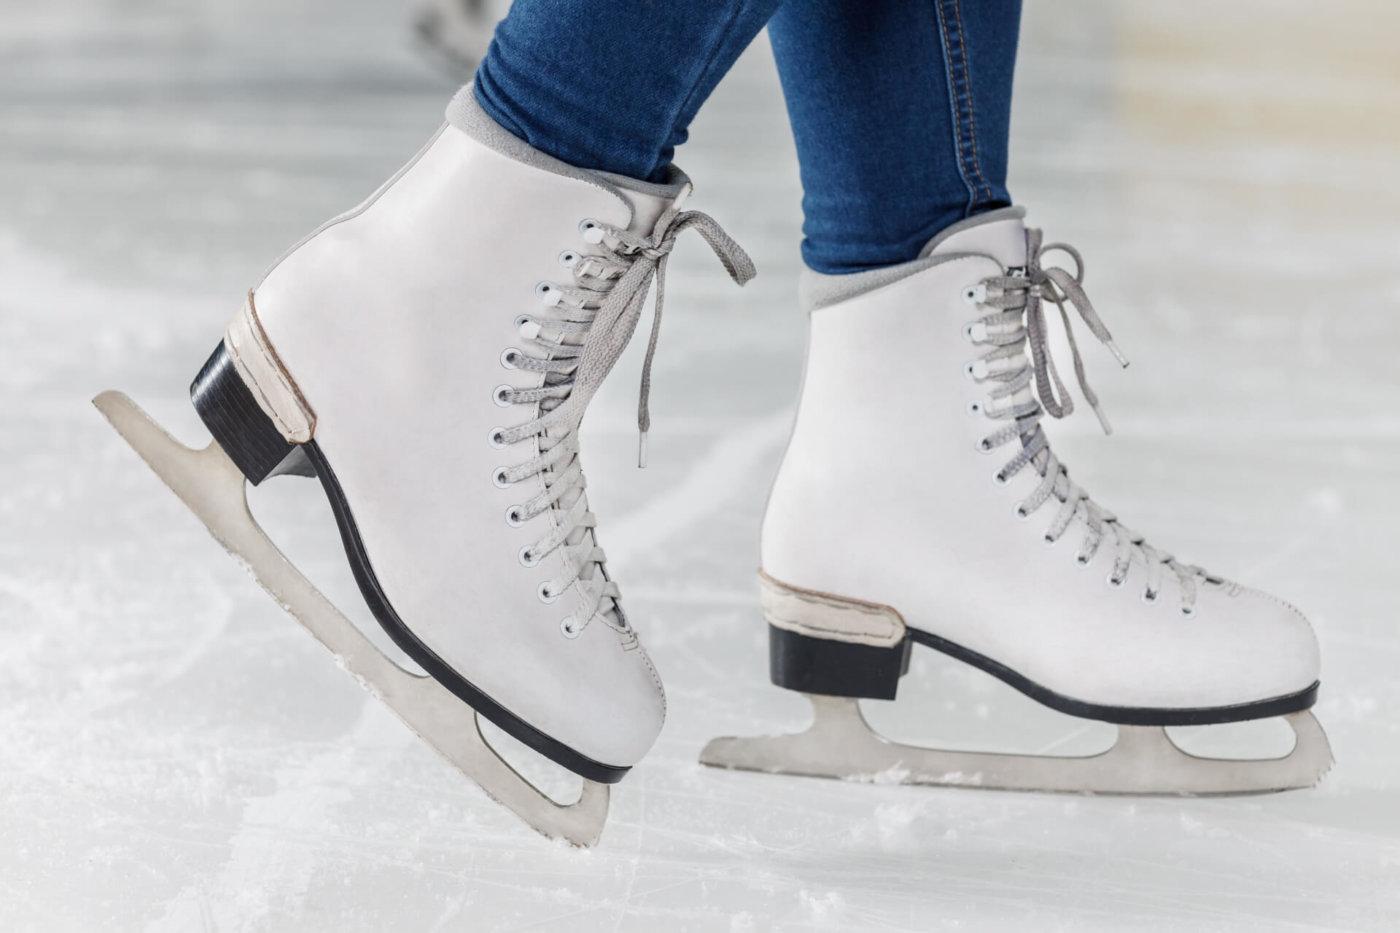 大阪にあるスケート場